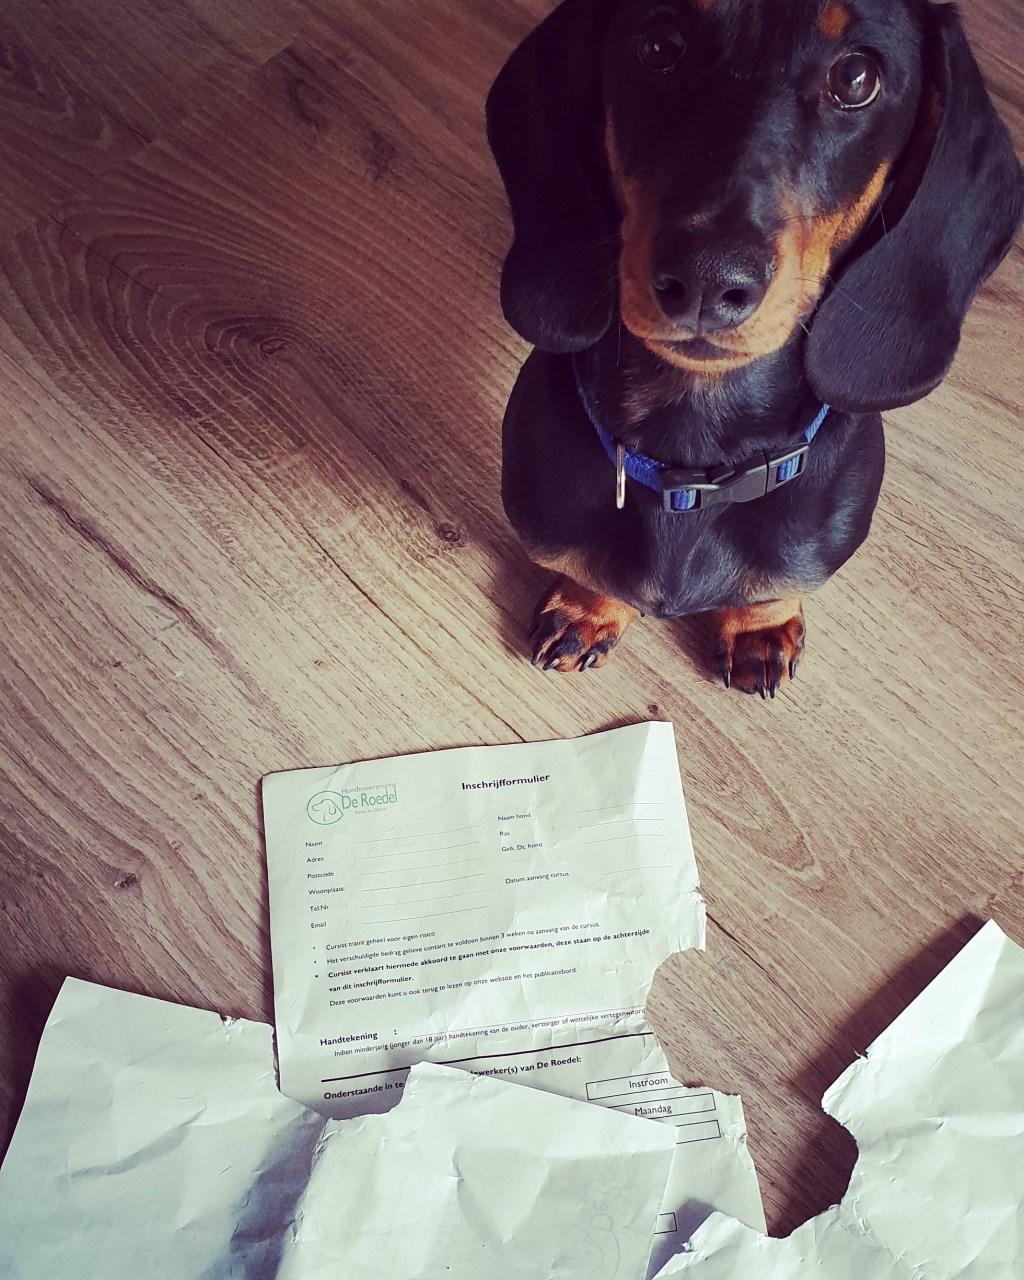 Wij gaan met onze hond Ouzo naar de puppycursus over twee weken. We hadden al netjes het inschrijfformulier uitgeprint om mee te nemen maar zoals u ziet op de foto is Ouzo er nog niet helemaal uit of hij er naar toe wil.  (Jan en Marjan)  © deMooiLaarbeekkrant